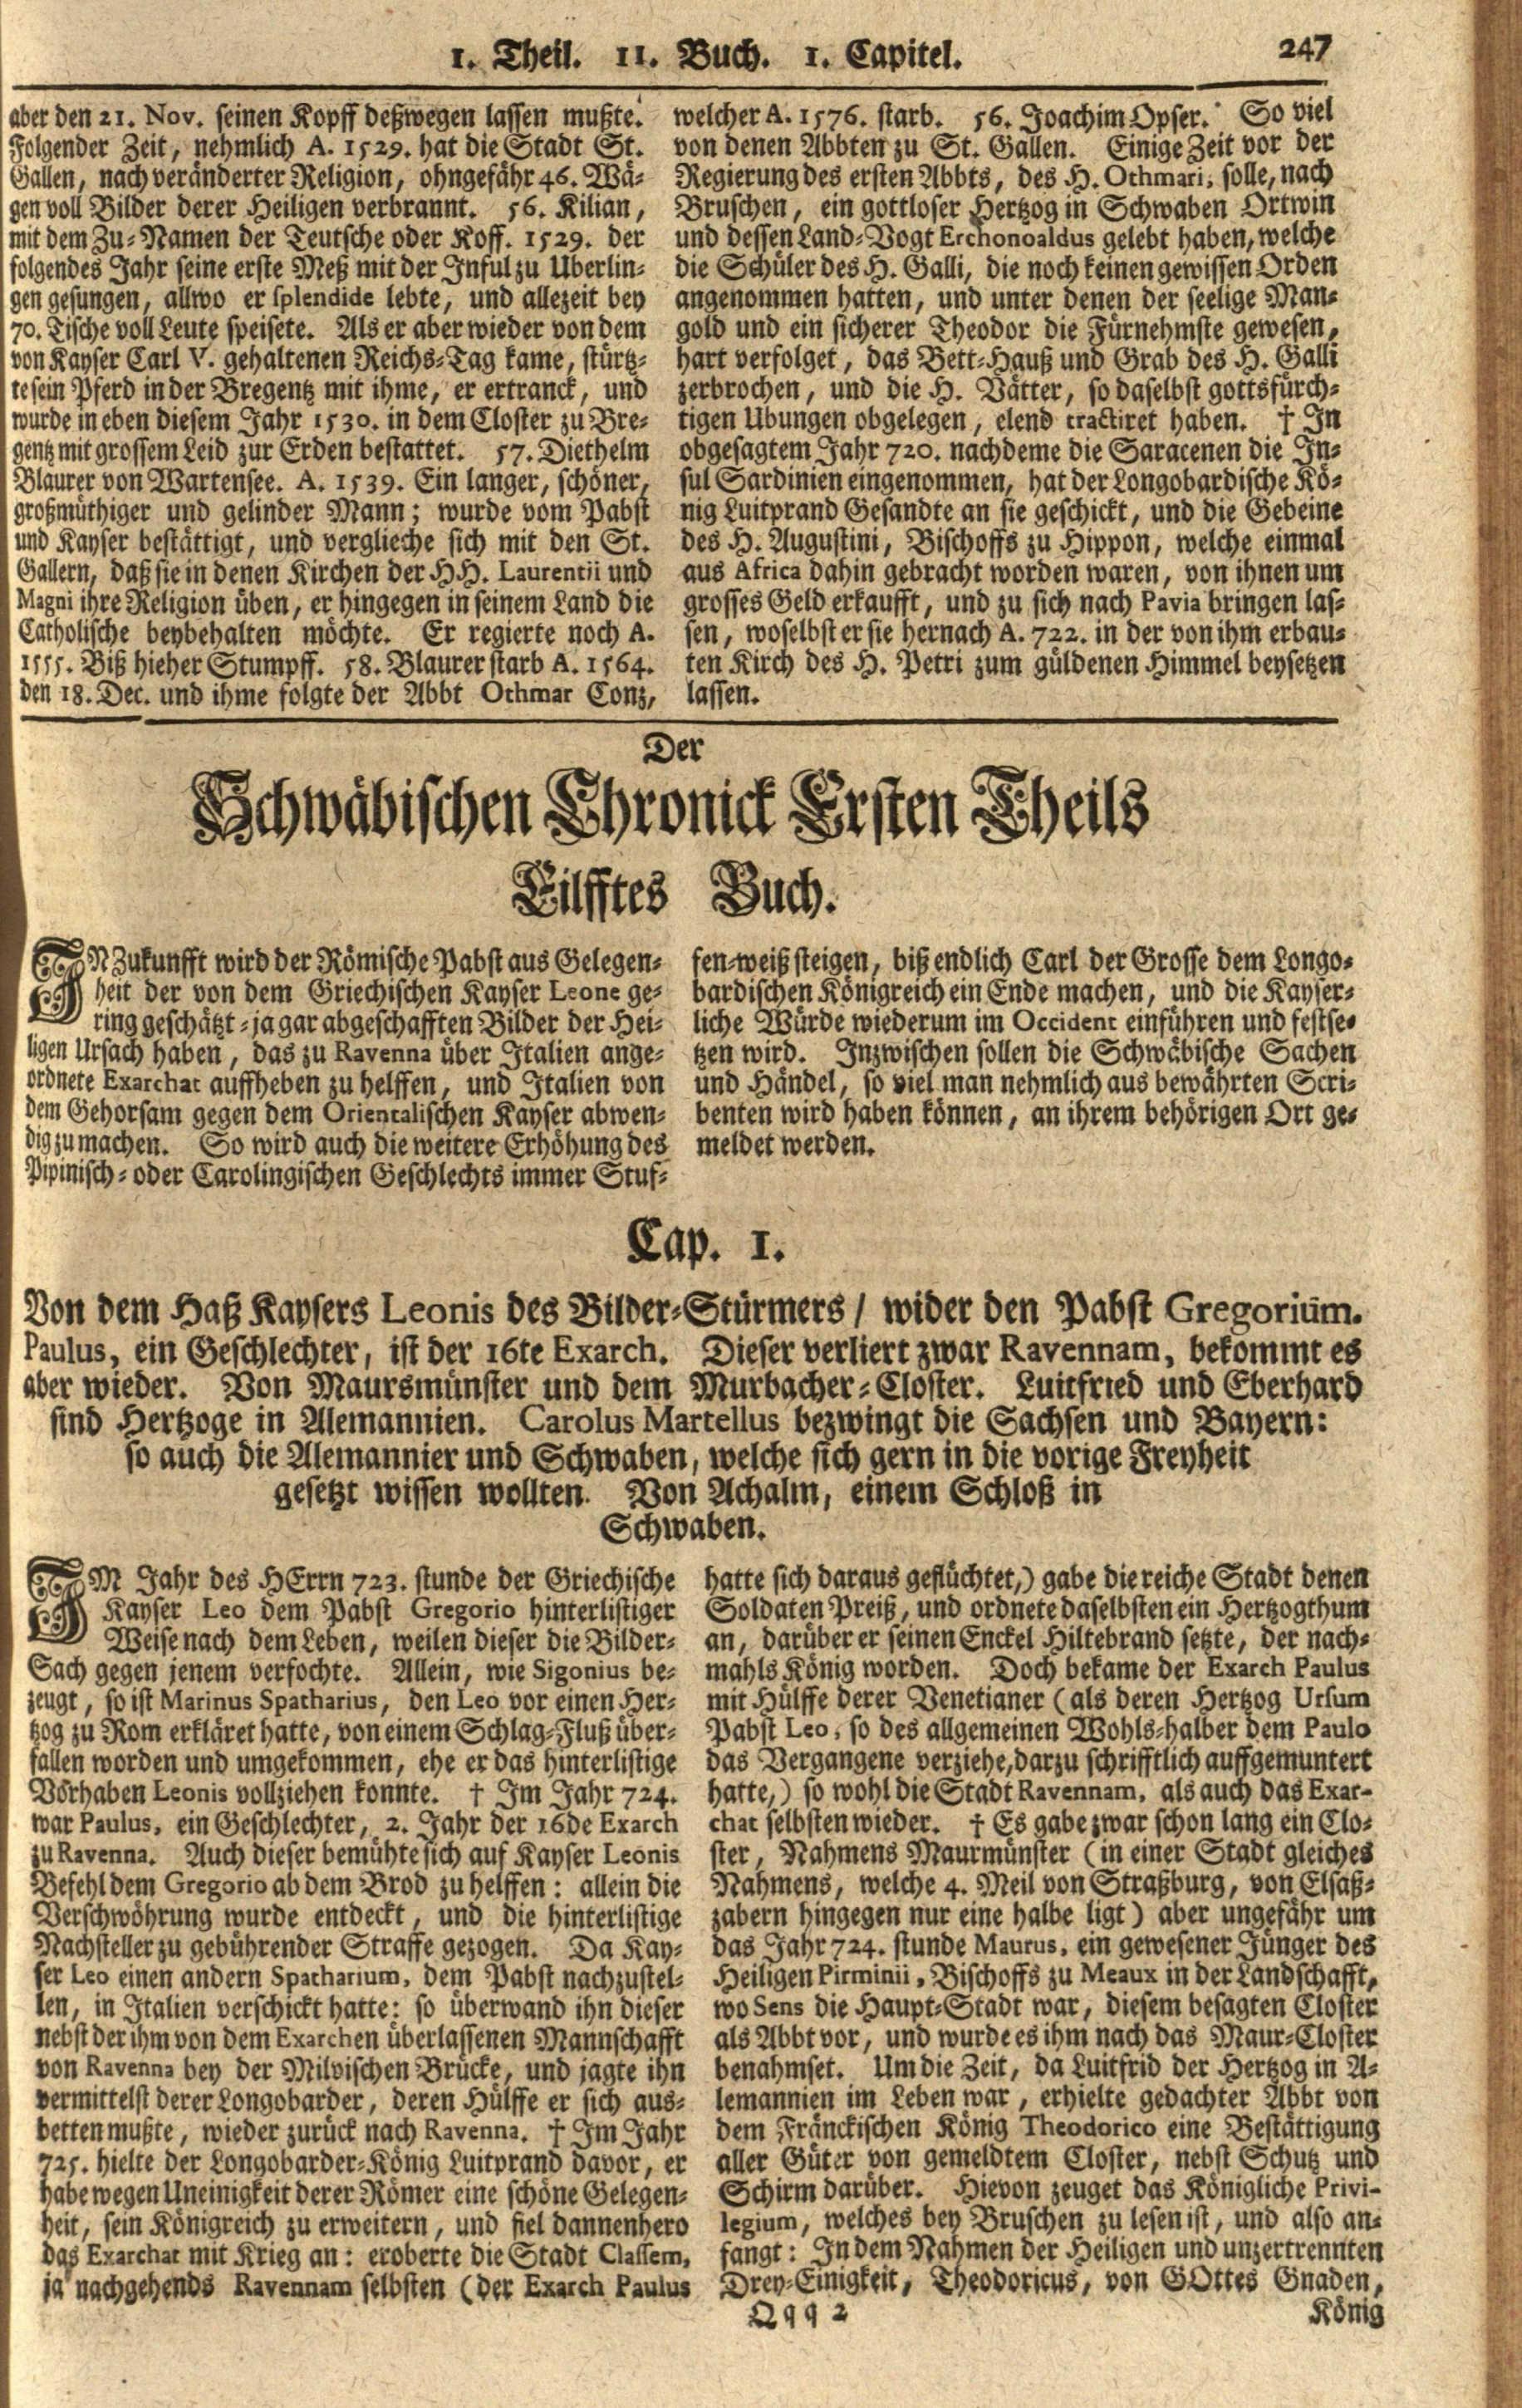 File:De Schwäbische Chronick 1 270.jpg - Wikimedia Commons